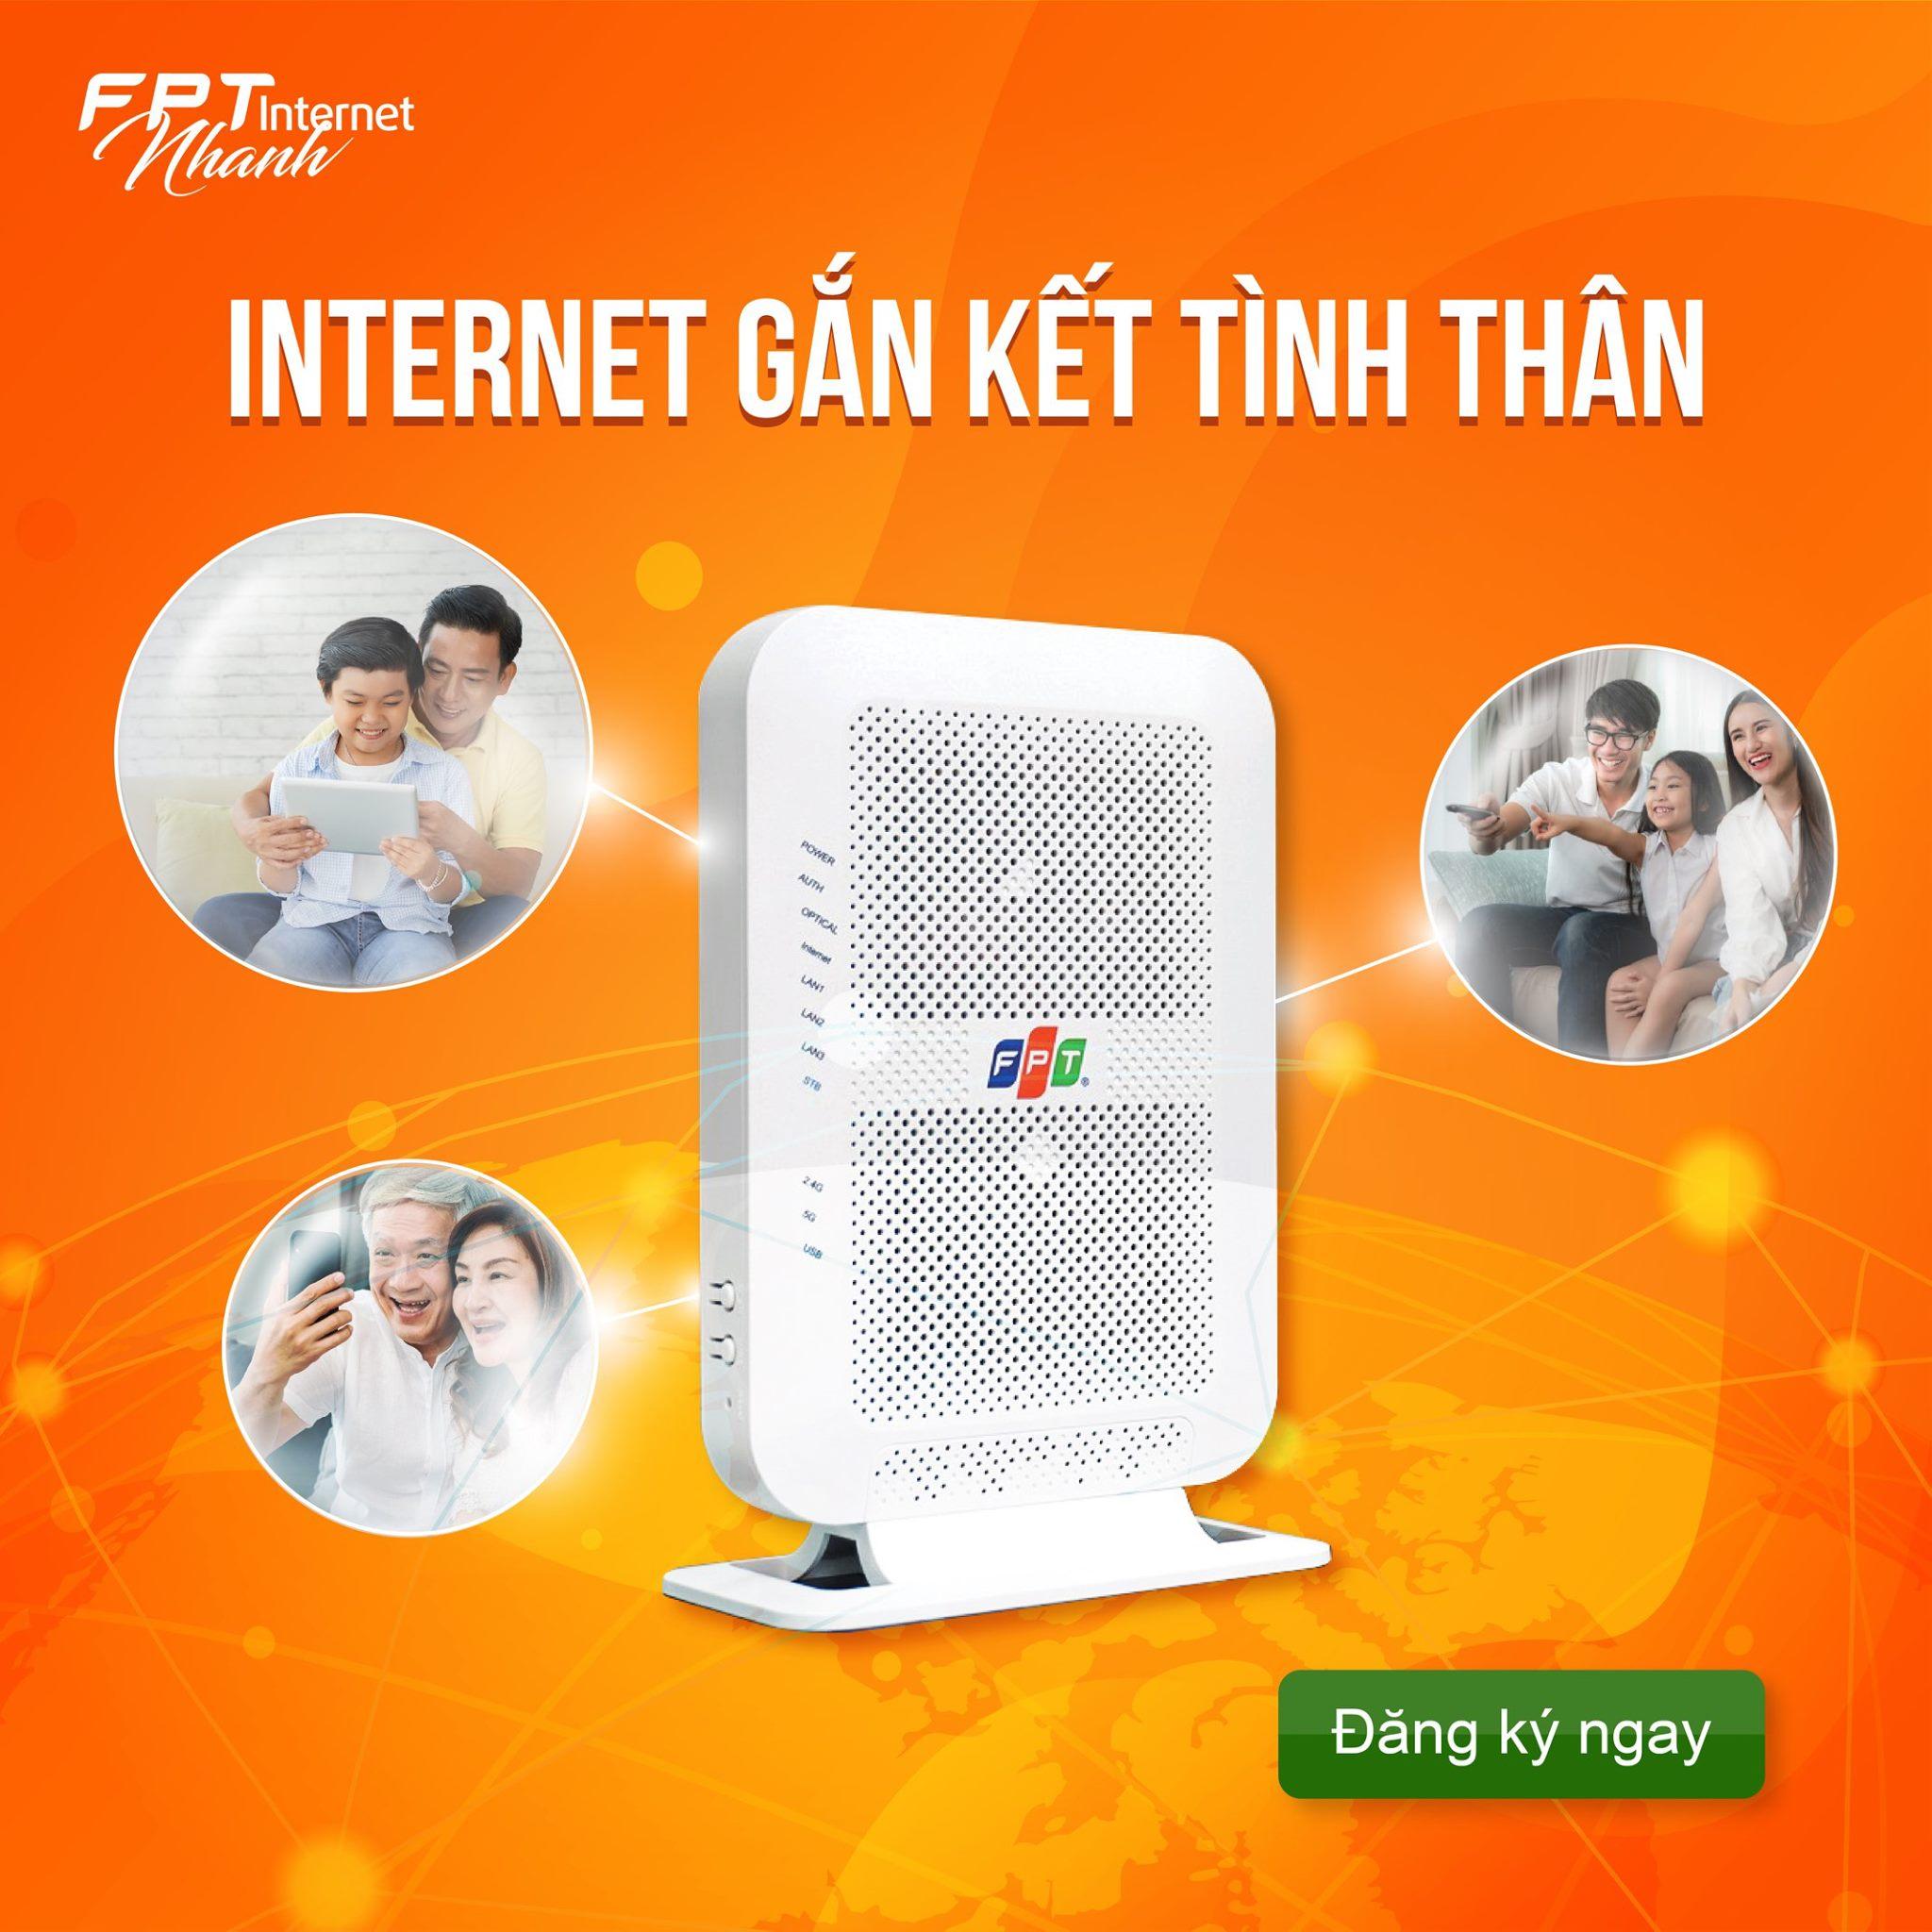 Đăng ký lắp internet FPT Quận Gò Vấp với chỉ 200k/tháng.